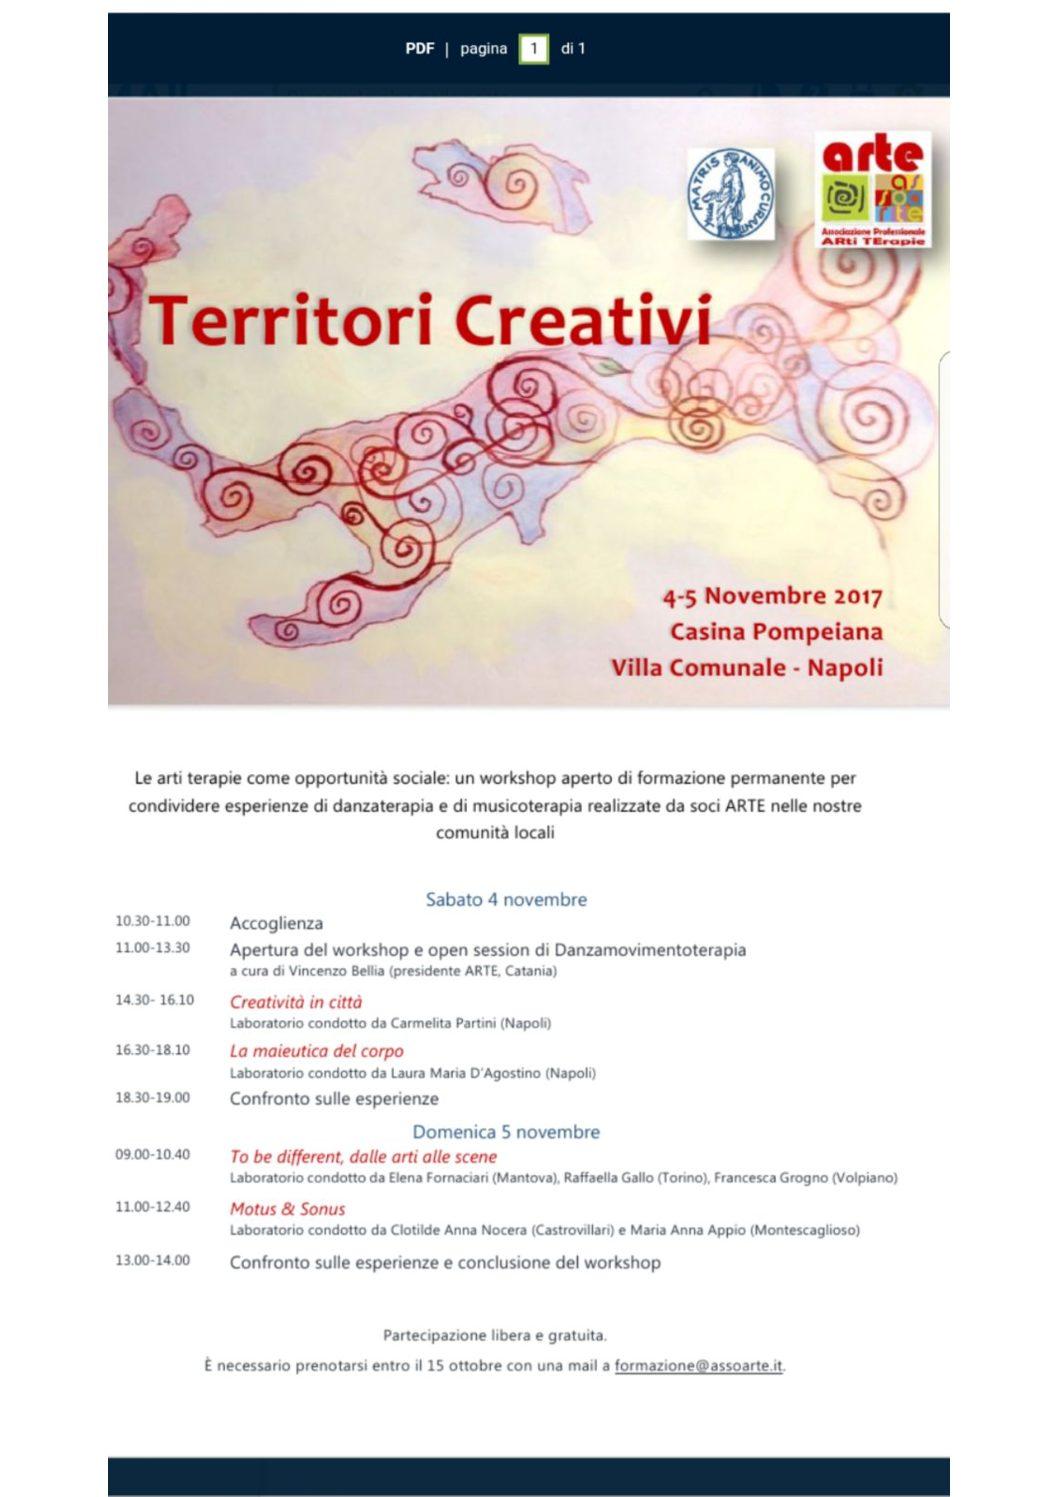 Territori creativi pdf - Territori creativi